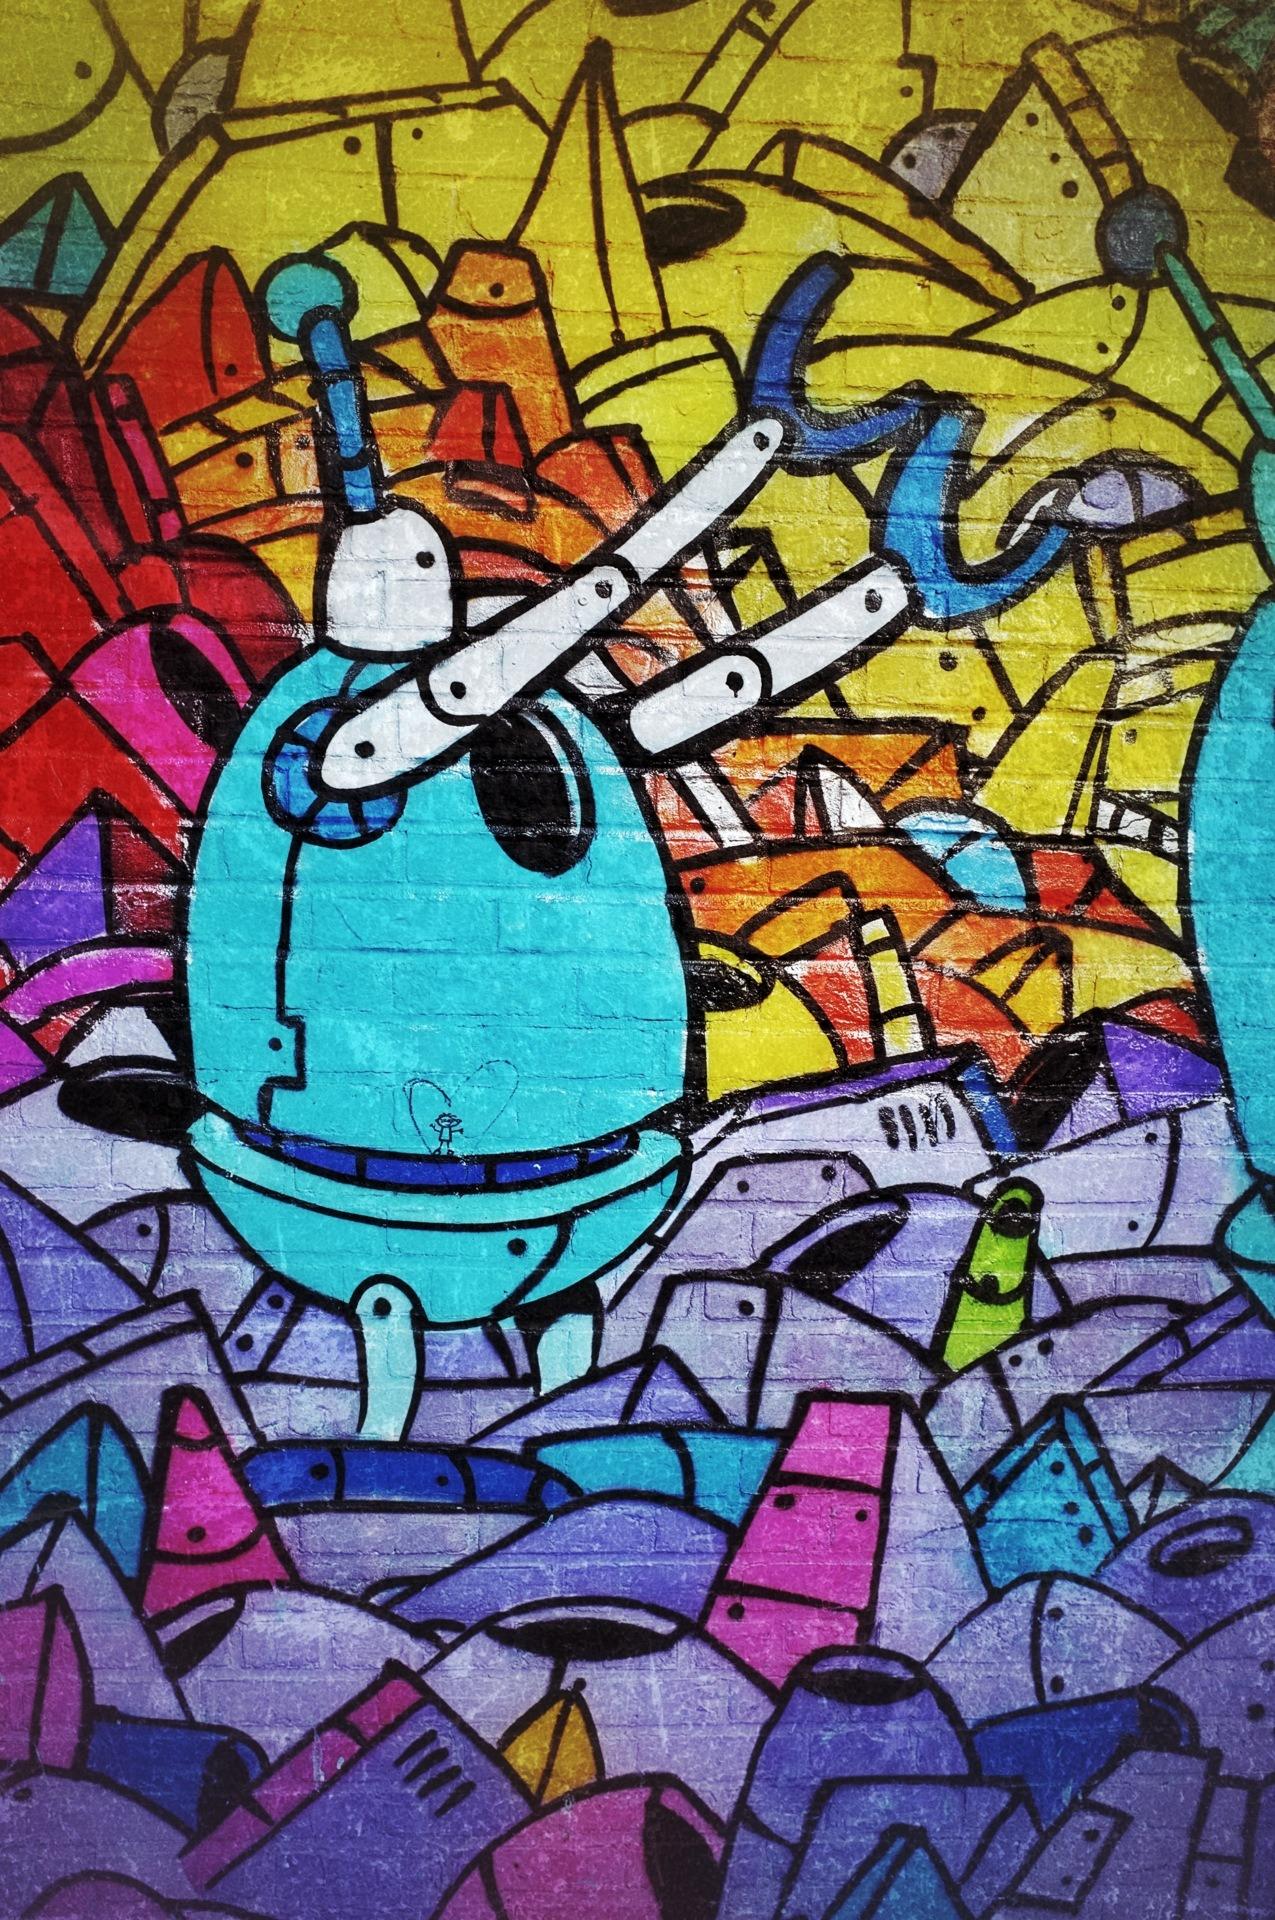 37 - Graffiti Bot   #366Project